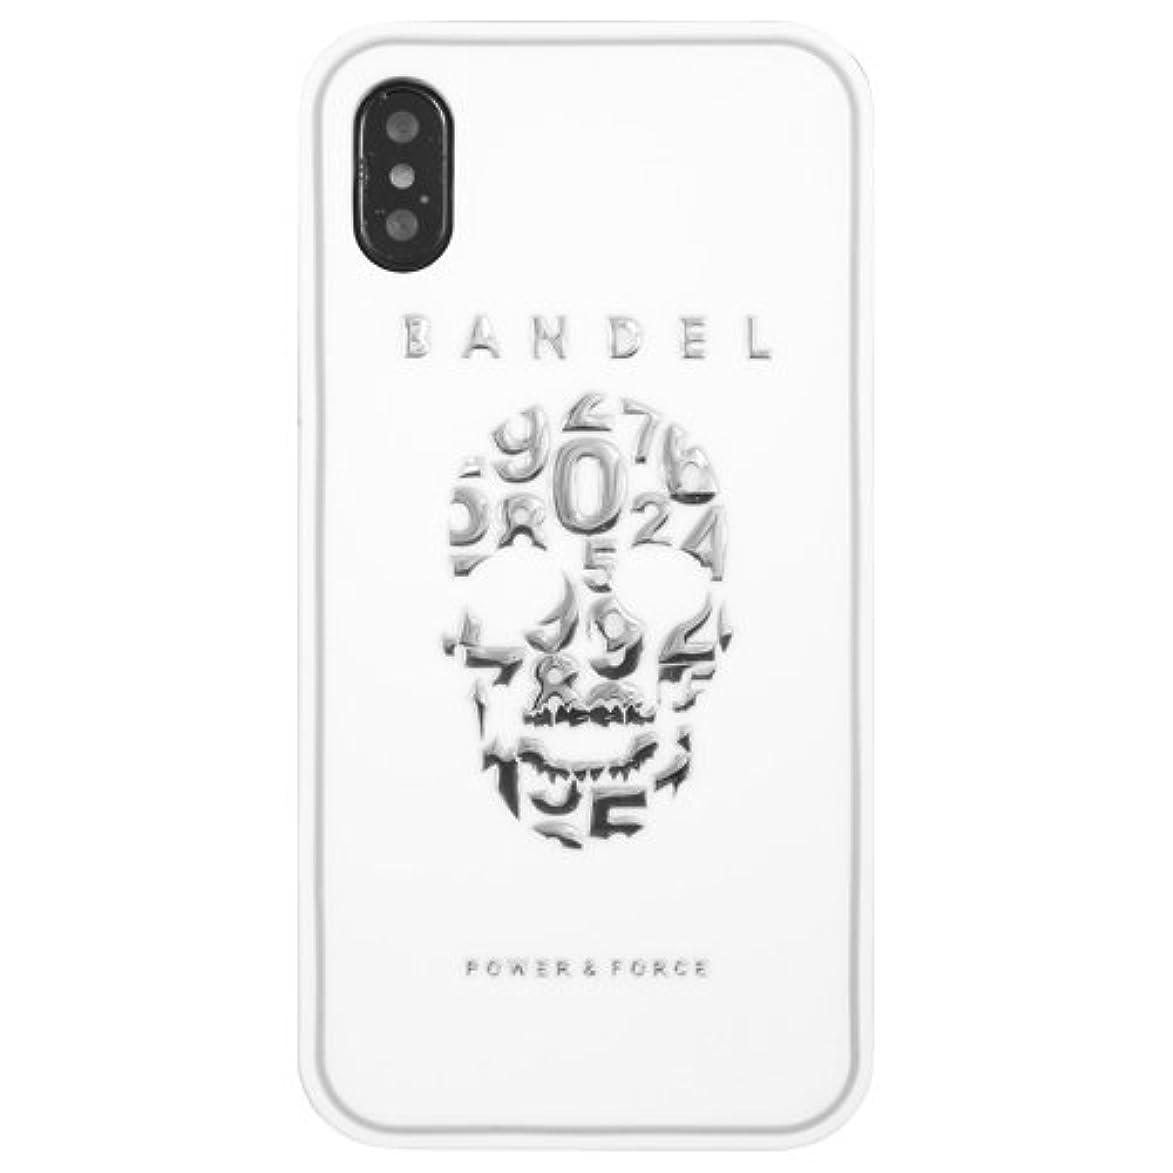 精緻化腐った発行するバンデル(BANDEL) スカル iPhone X専用 シリコンケース [ホワイト×シルバー]